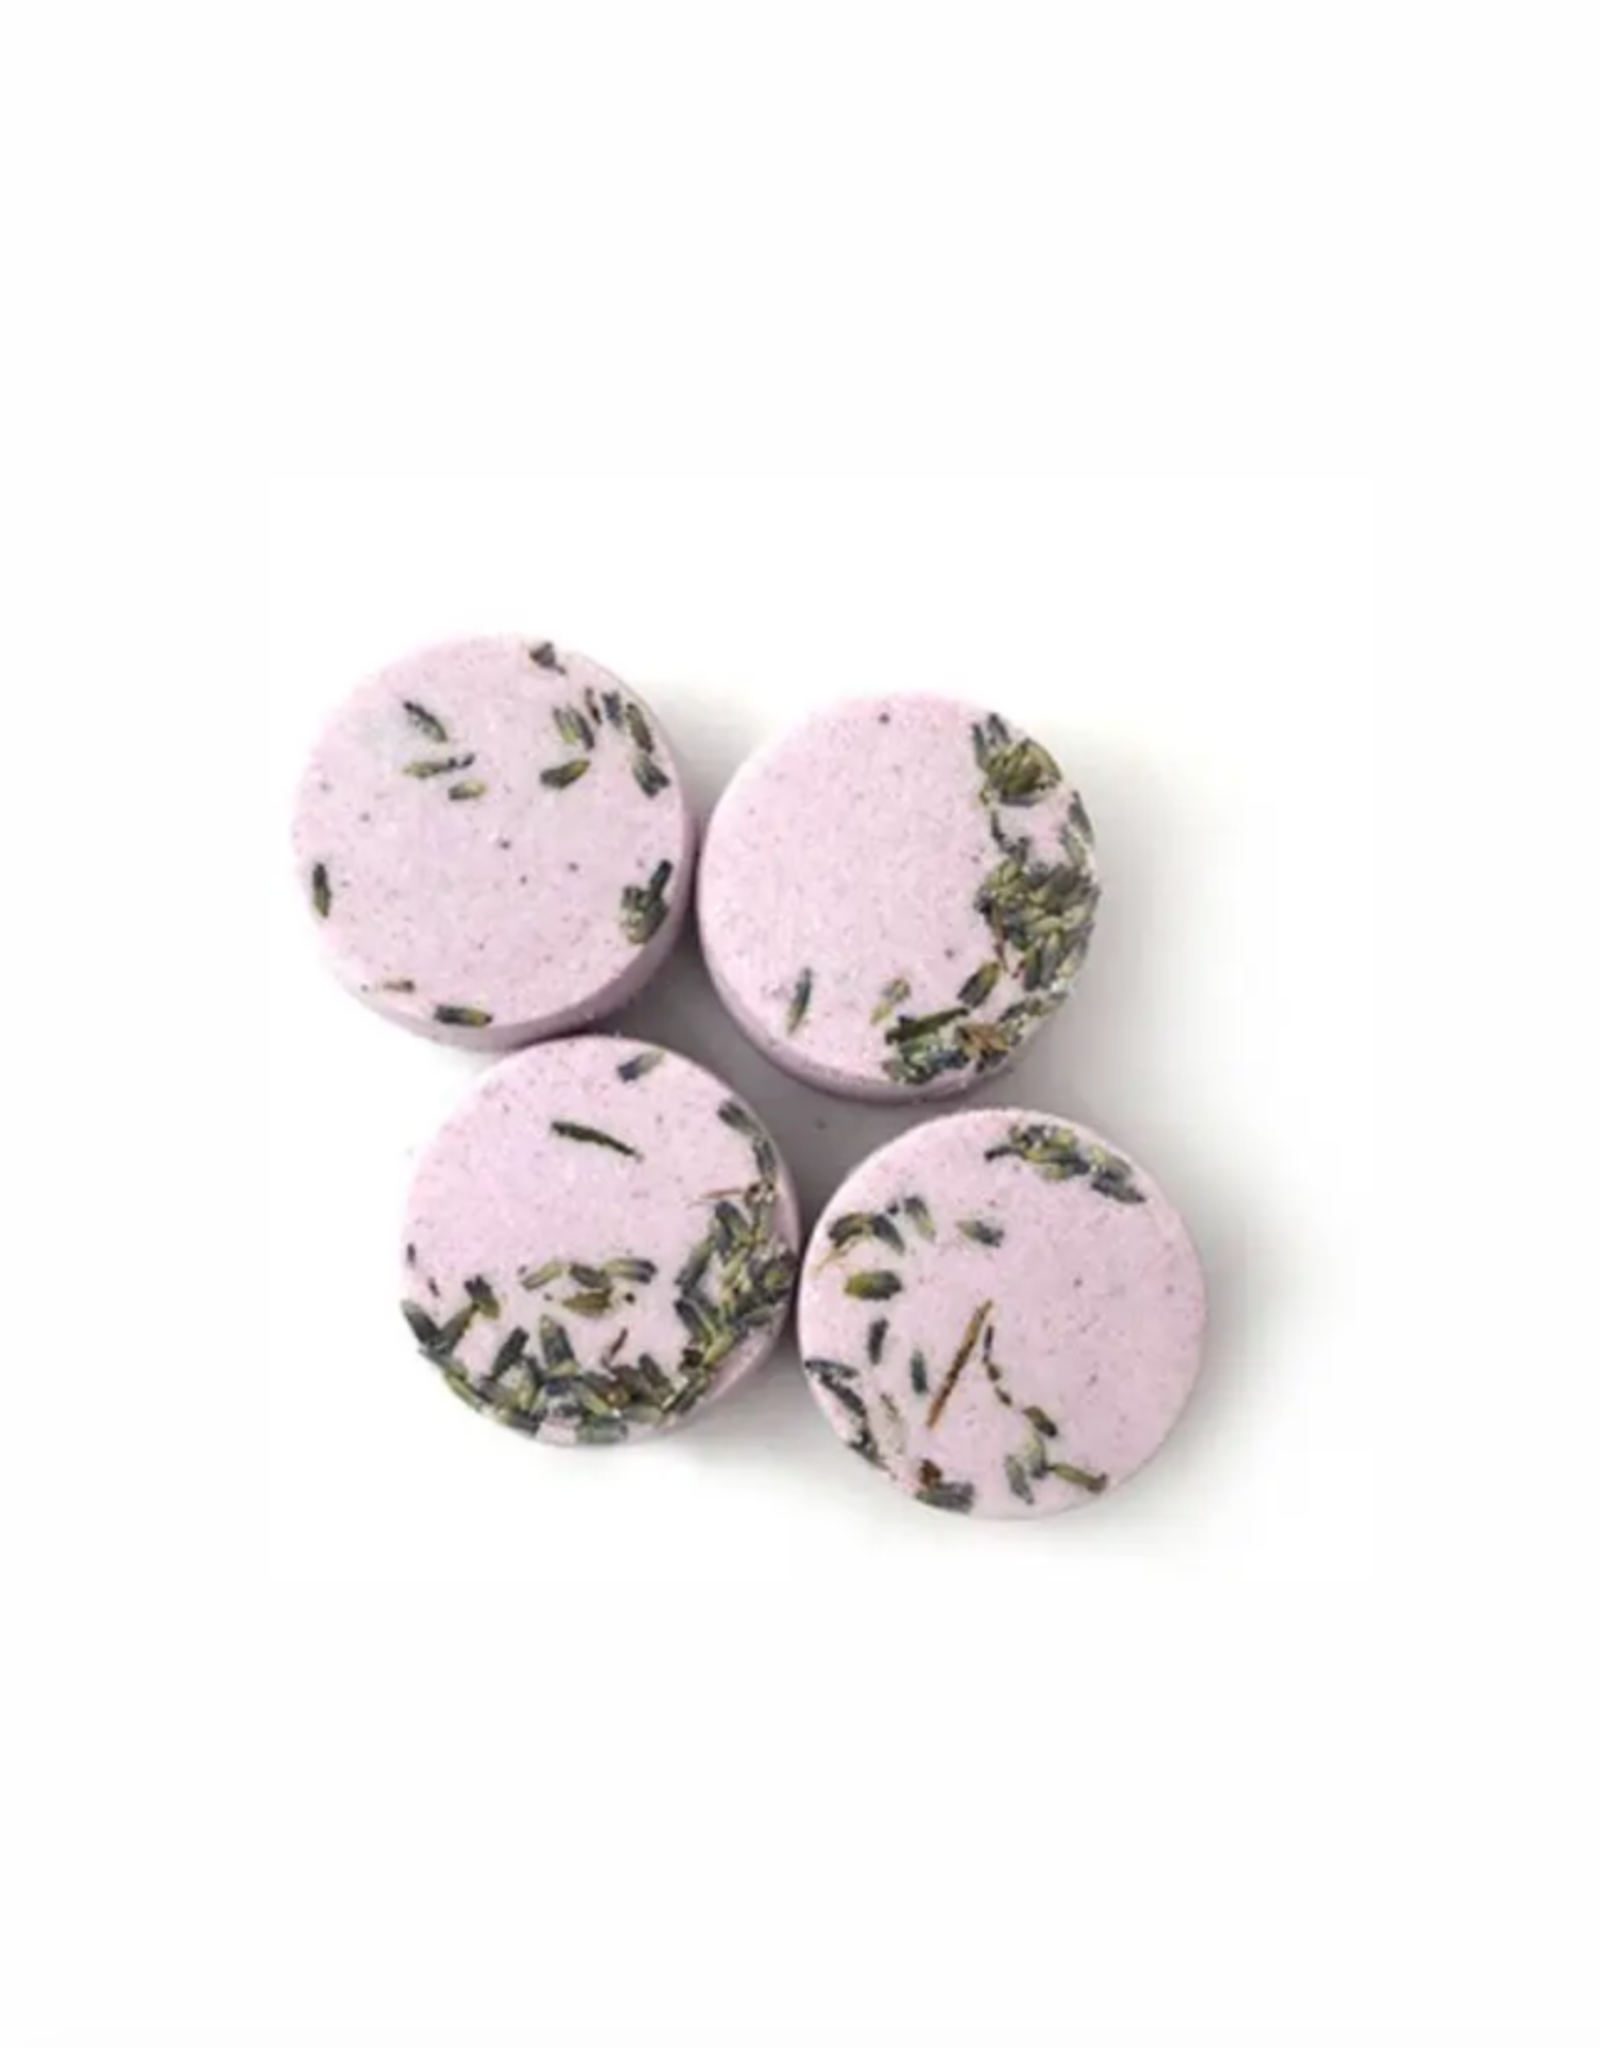 Lavender-Geranium Shower Steamers